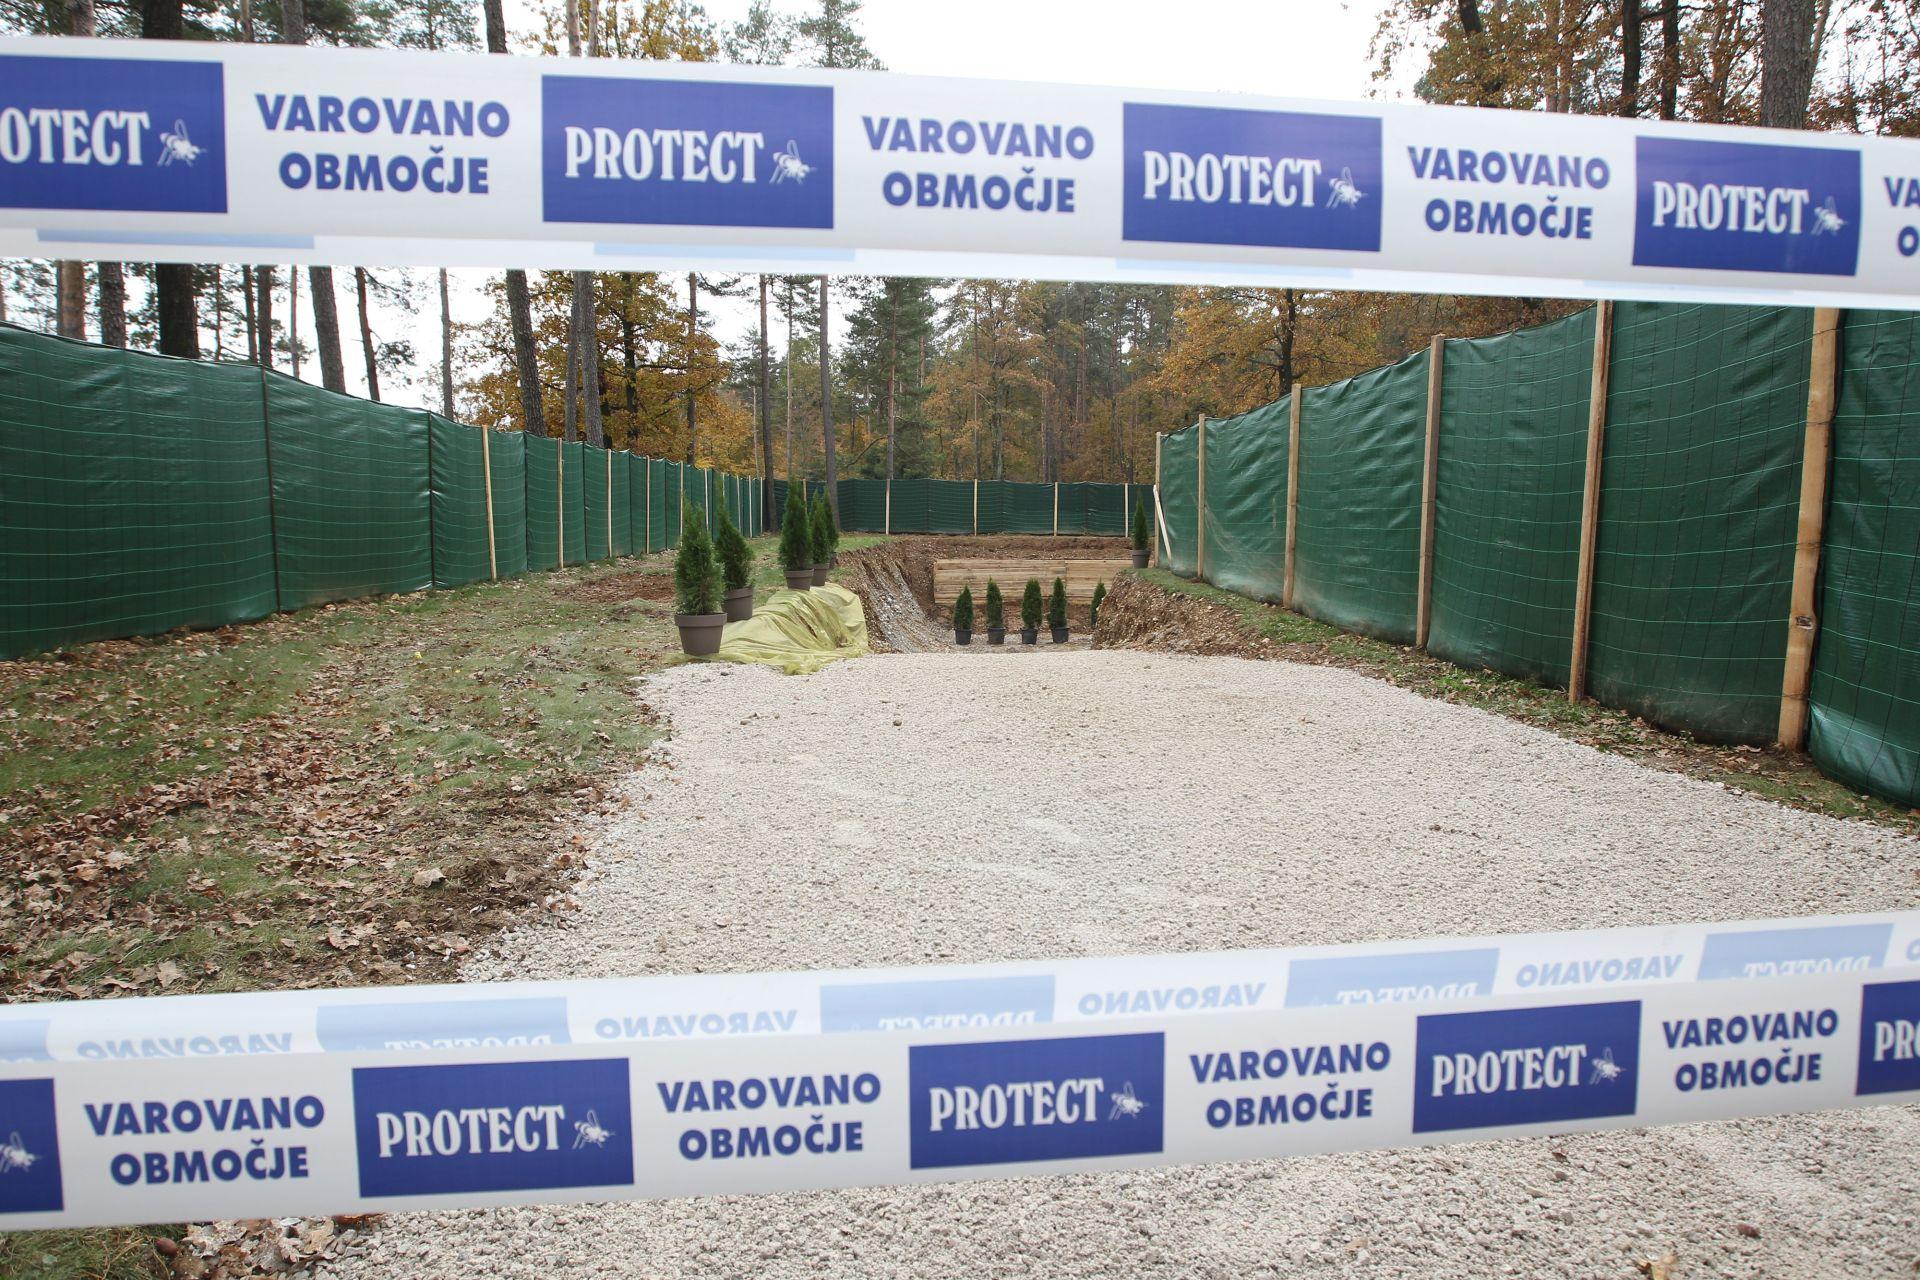 SLOVENIJA Povjerenstvu za istraživanje grobišta milijun eura sredstava